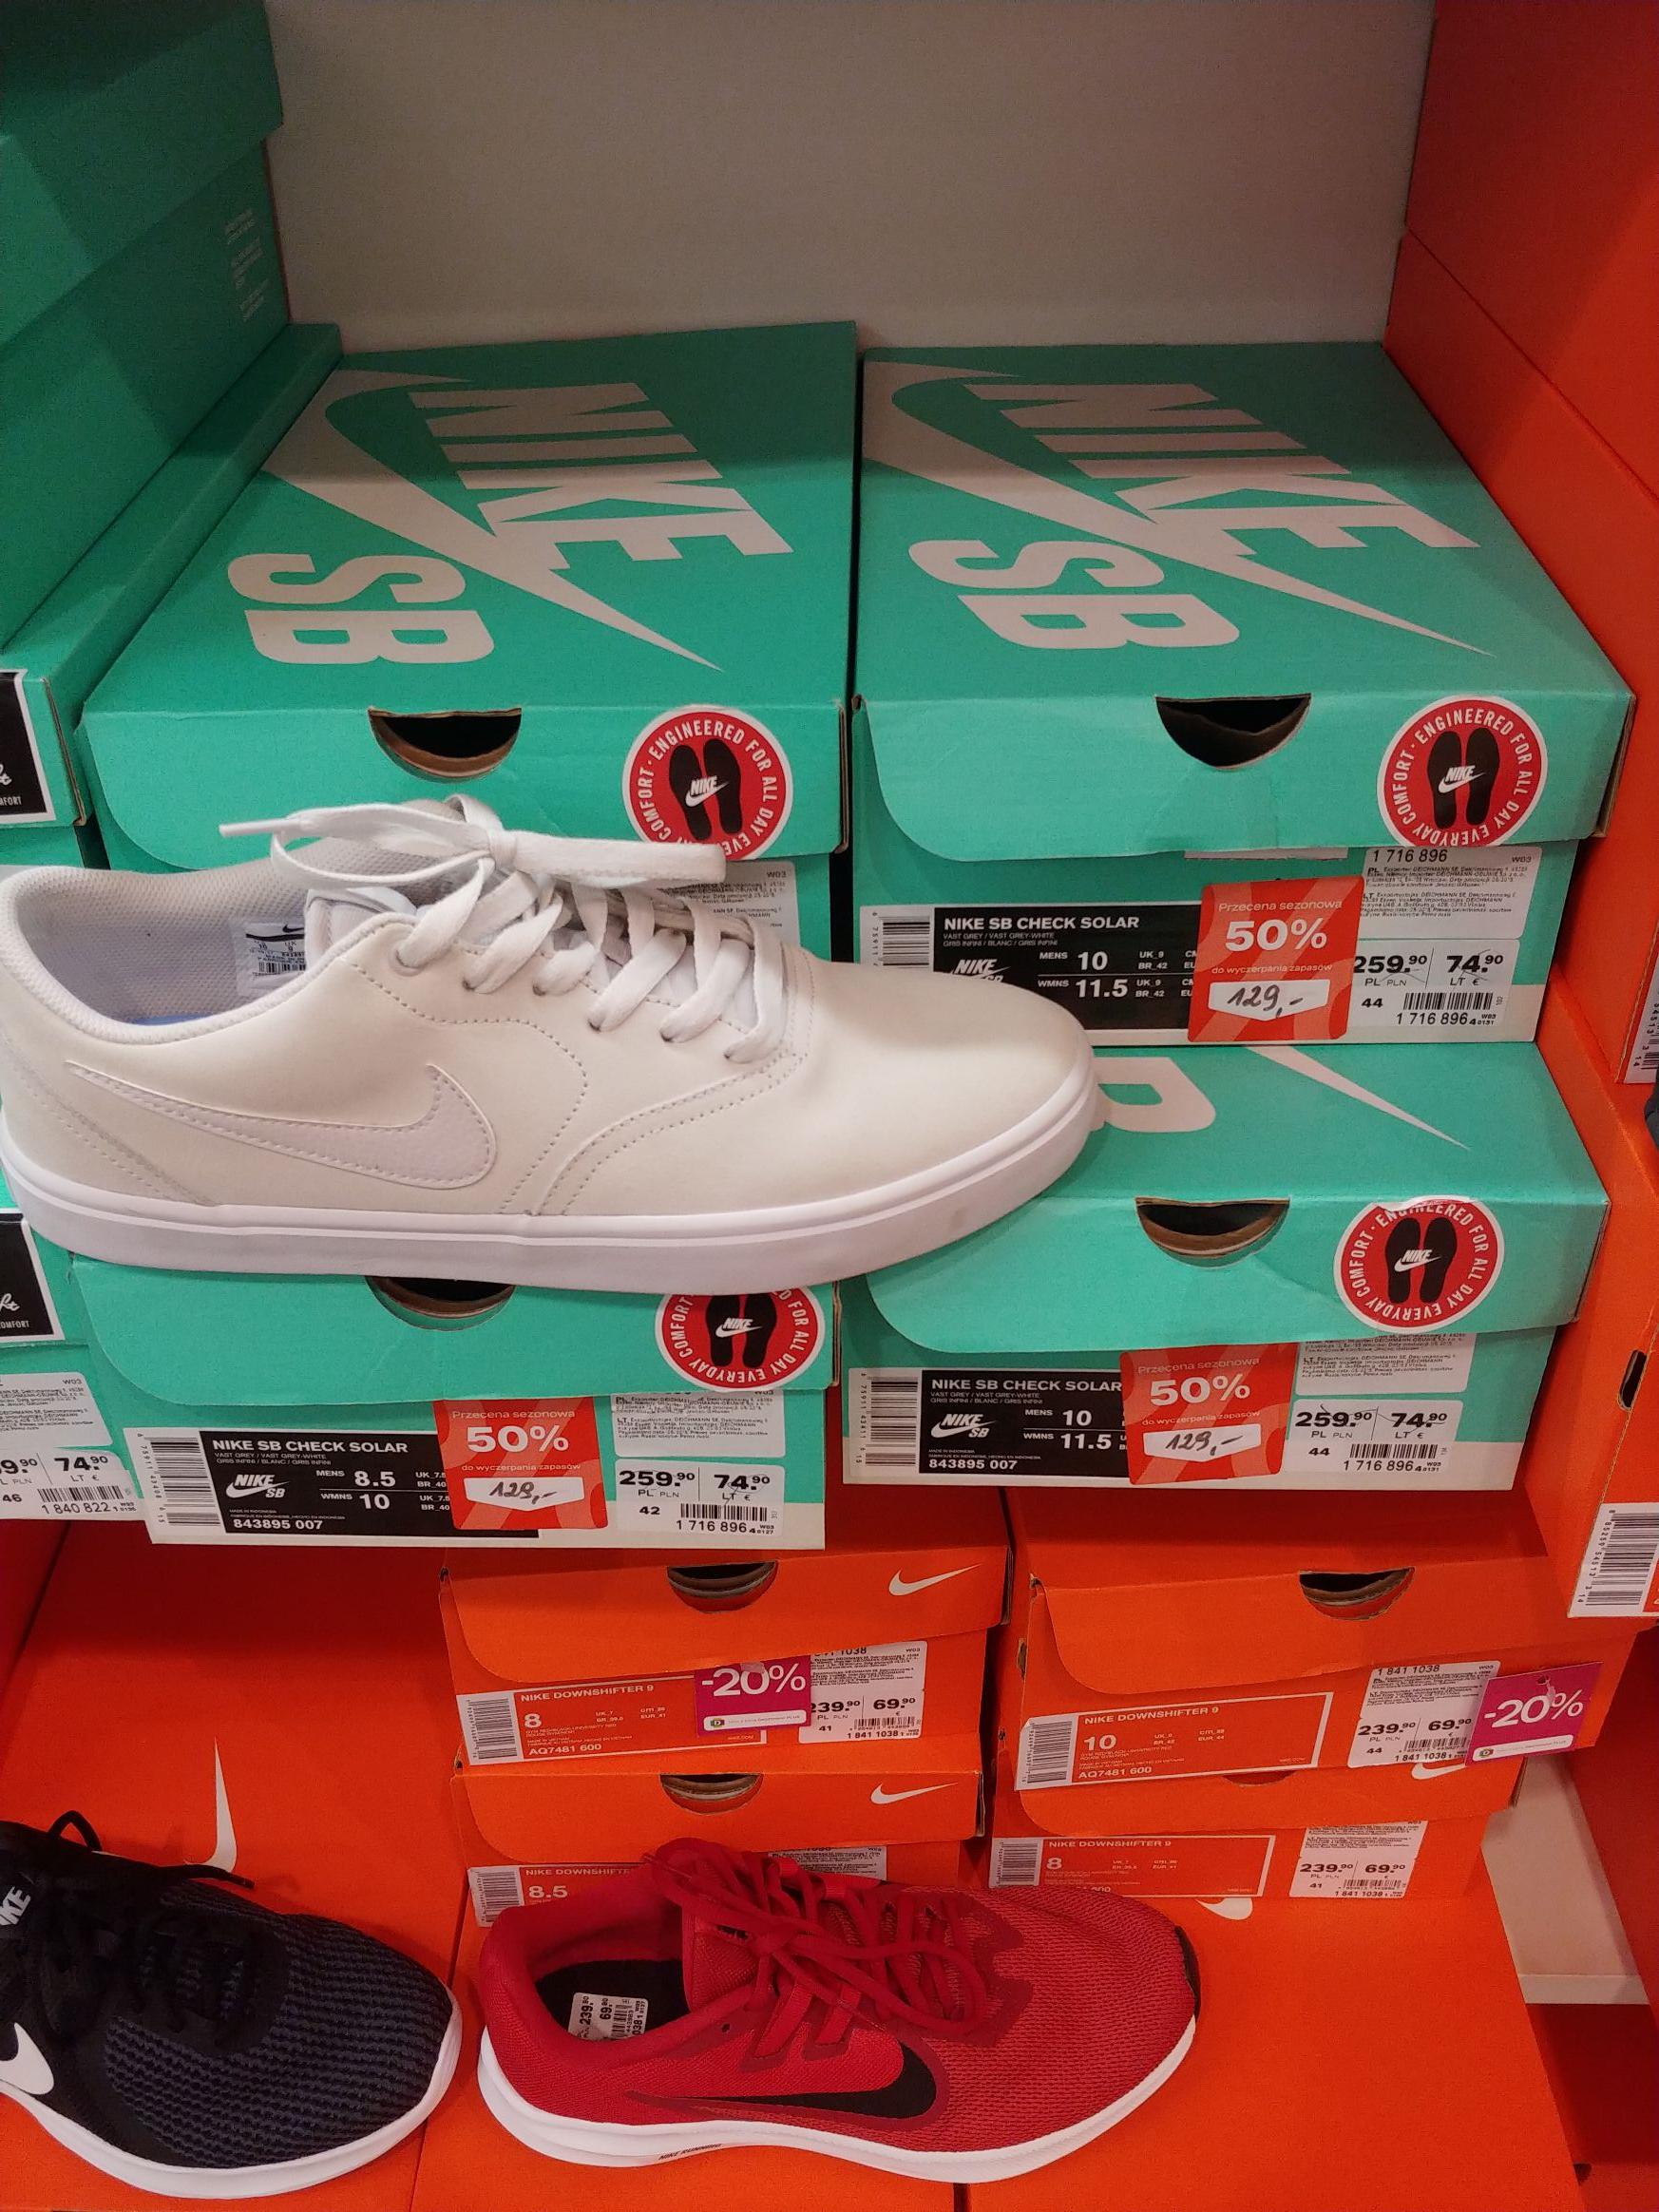 Buty Nike SB check solar ( Deichmann Lublin)